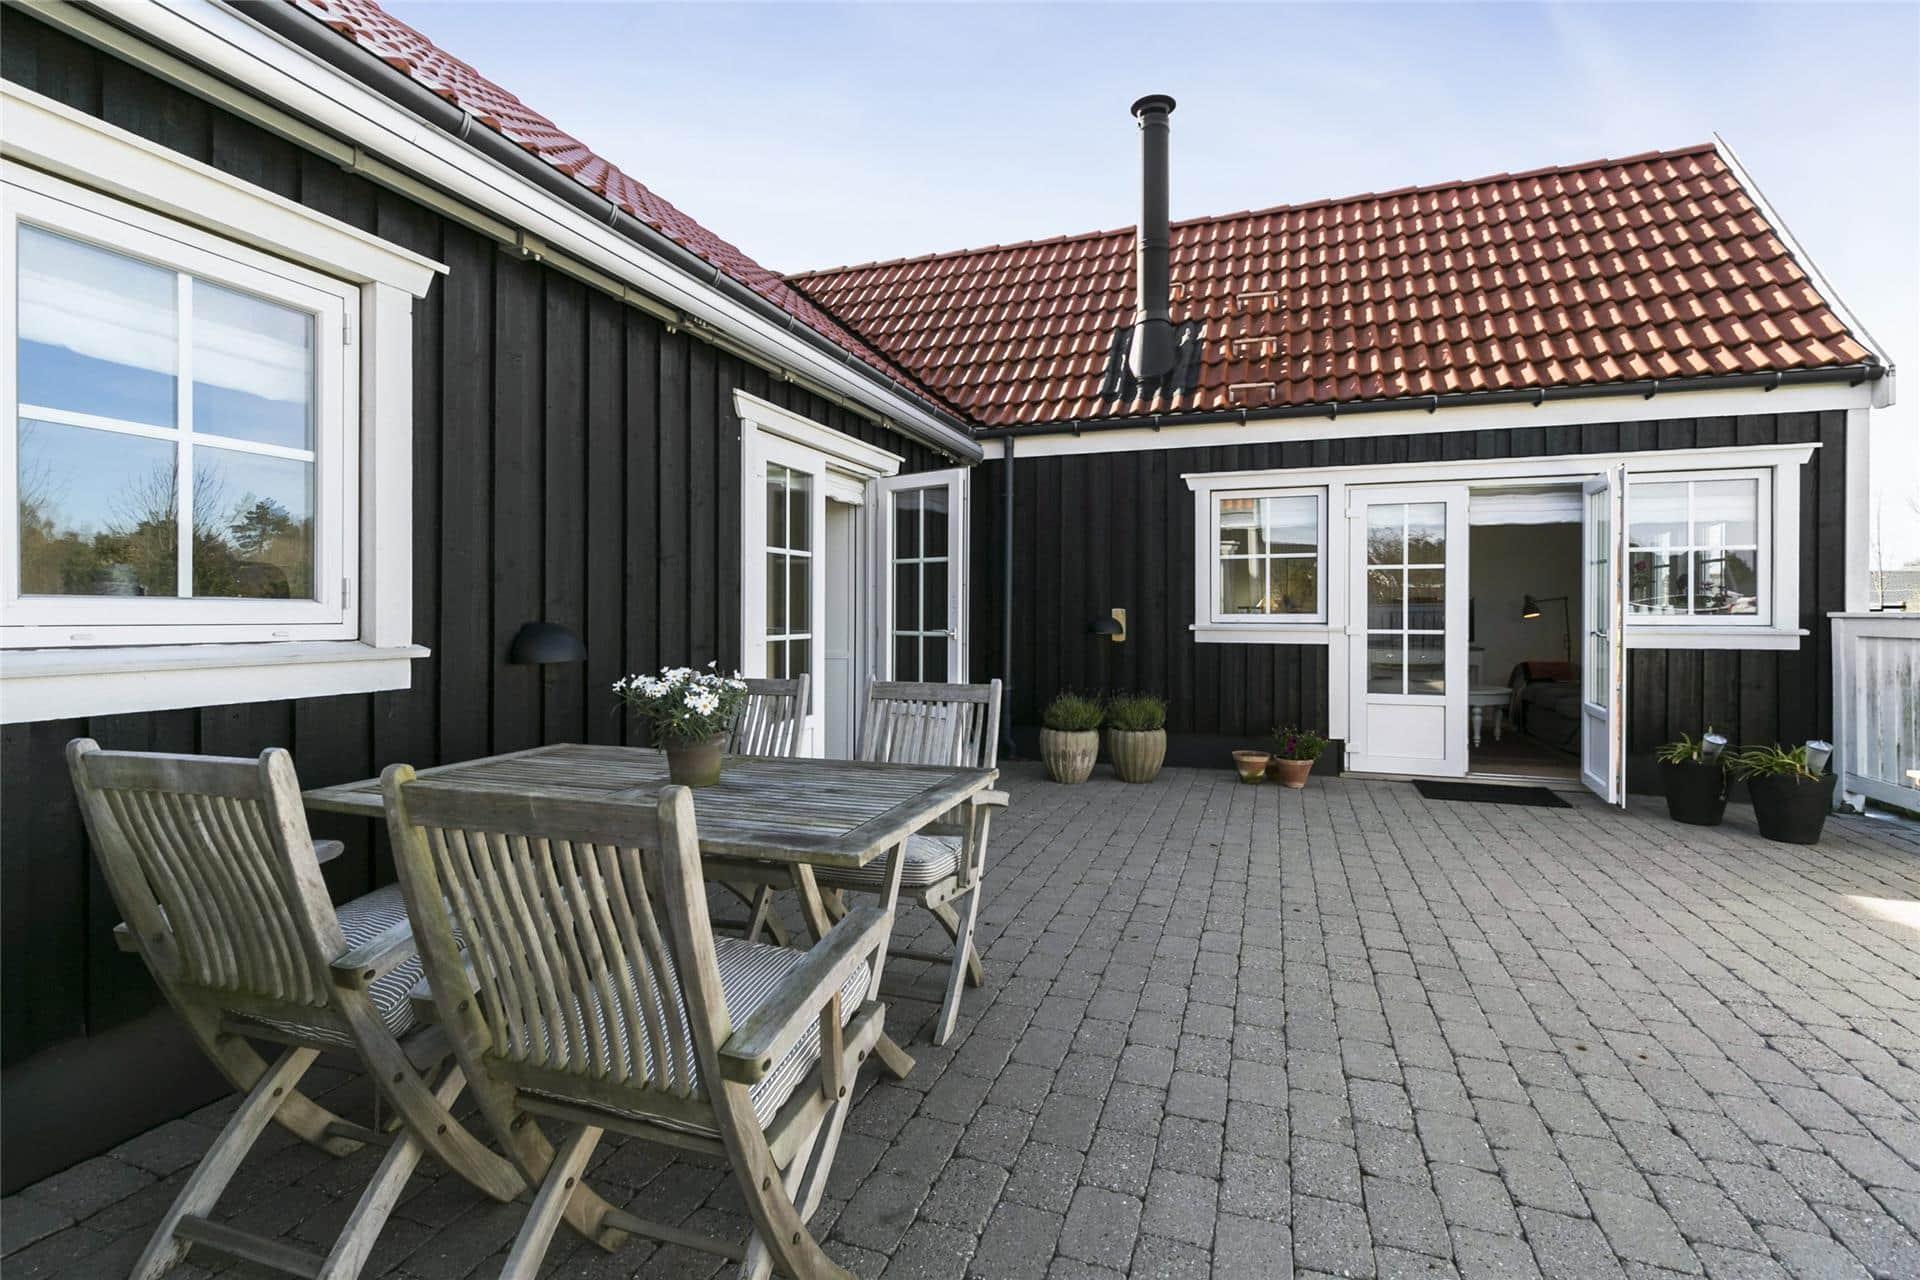 Afbeelding 1-1336 Vakantiehuis 1061, Lundebakken 1, DK - 3210 Vejby